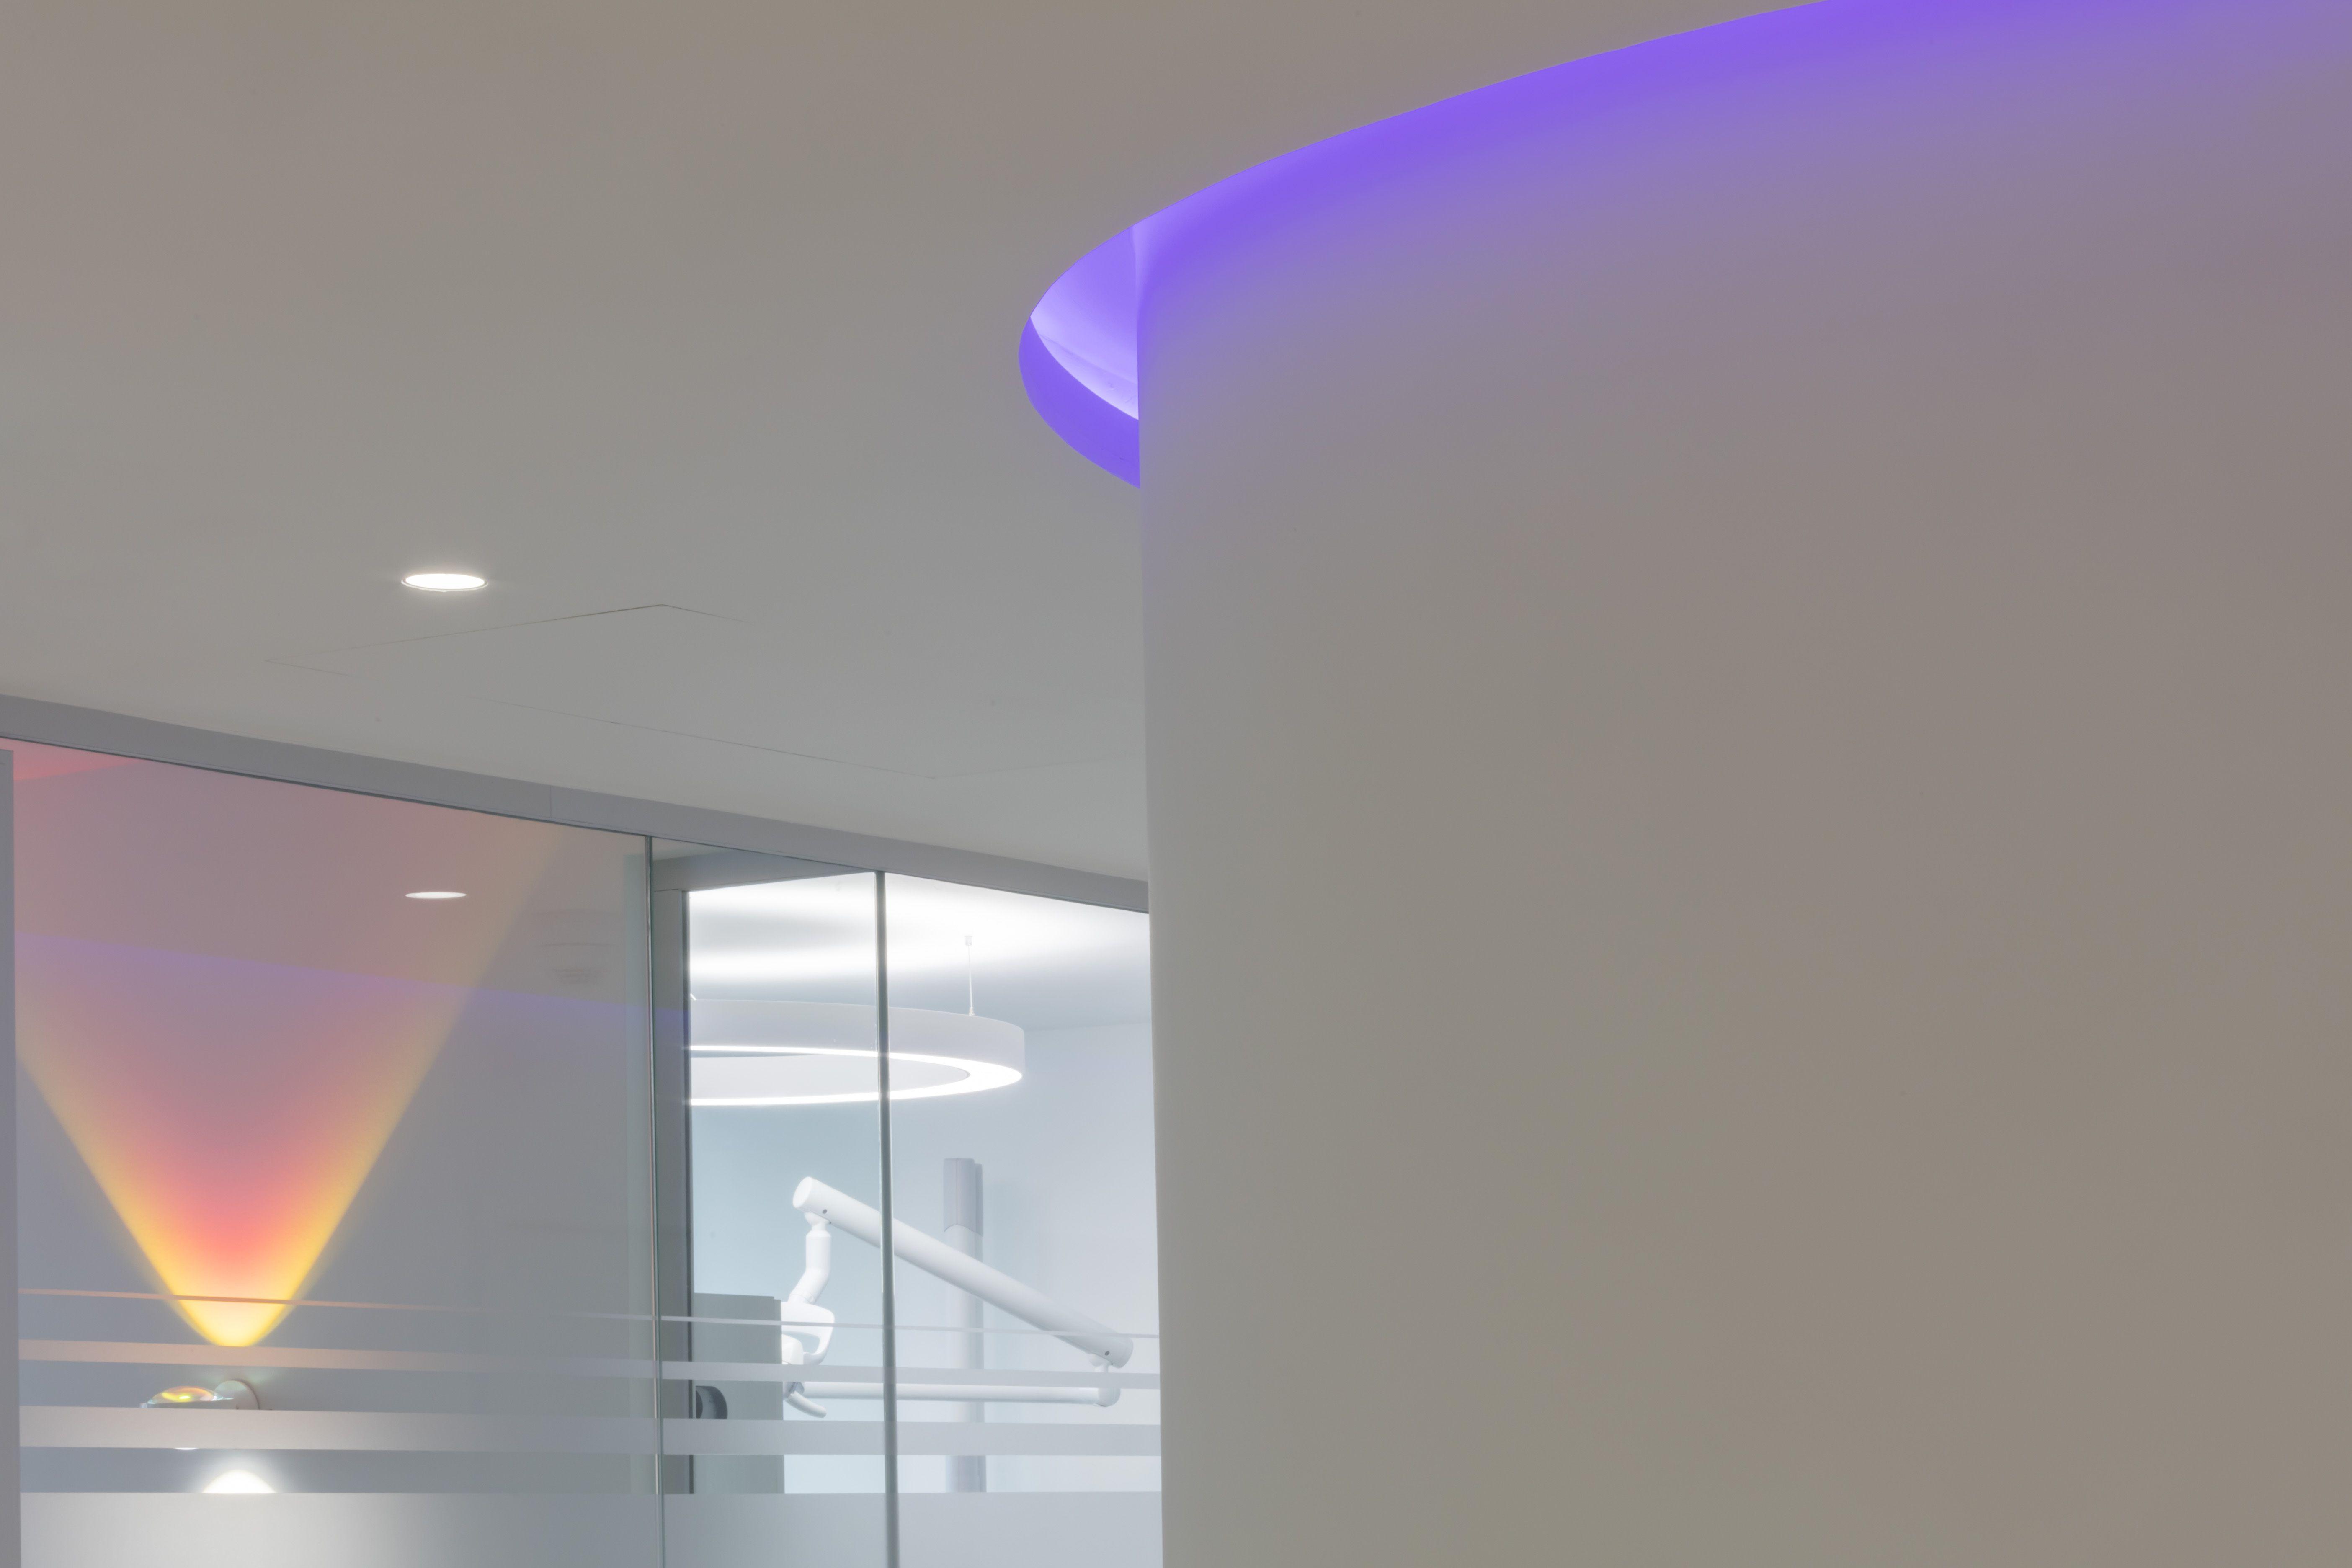 Eine Farbig Steuerbare Led Lichtvoute Setzt Akzente Praxis Beleuchtung Licht Zahnarzt Lichtvoute Led Licht Lichtplanung Beleuchtung